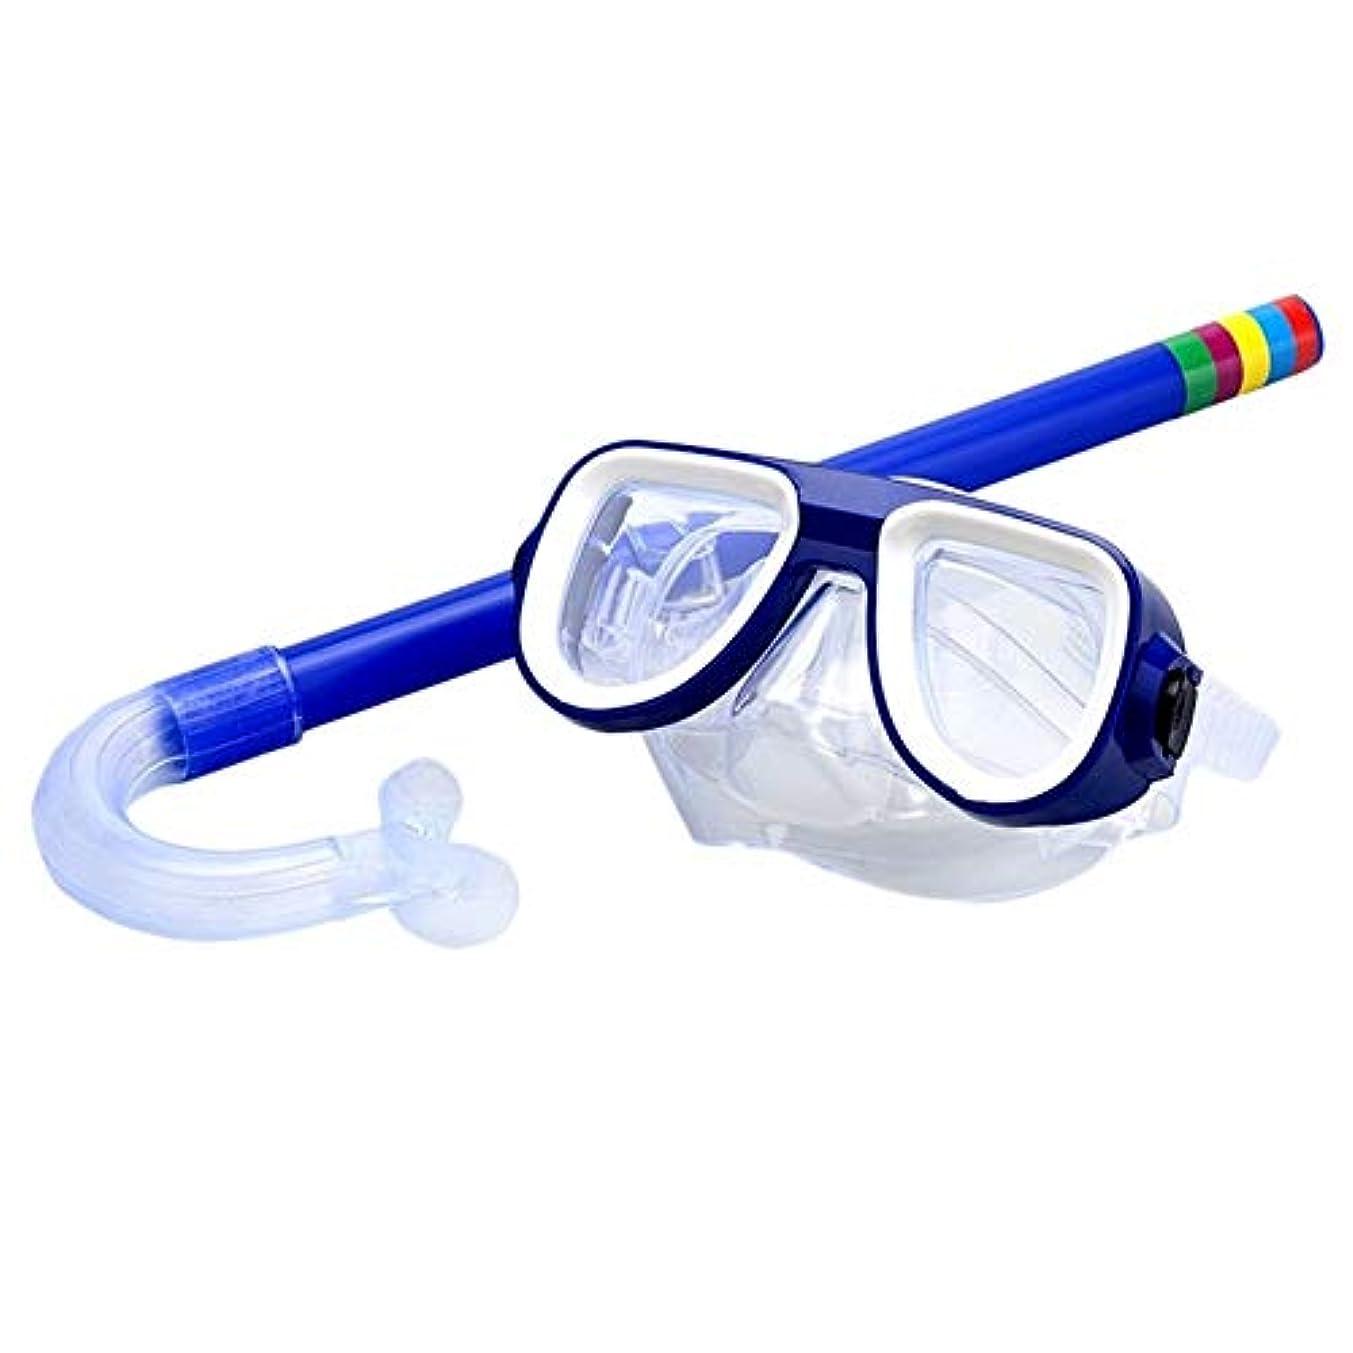 かみそりパーツ野球子供の安全シュノーケリングダイビングマスク+シュノーケリングスーツ水着子供水スポーツ3-8歳青 g5y9k2i3rw1